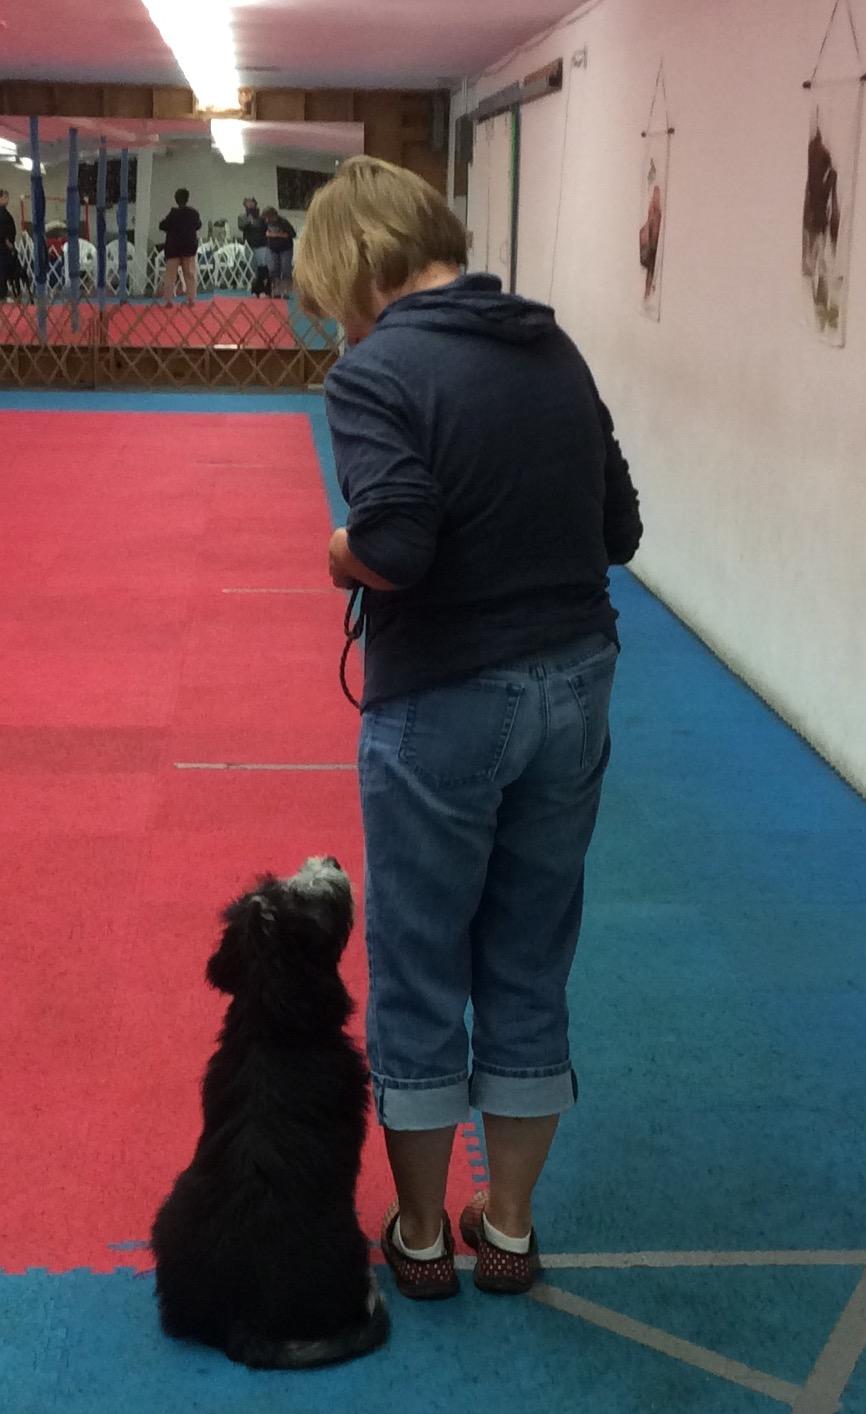 Southtowns Dog Training Club, New York, Dog Training Hamburg NY